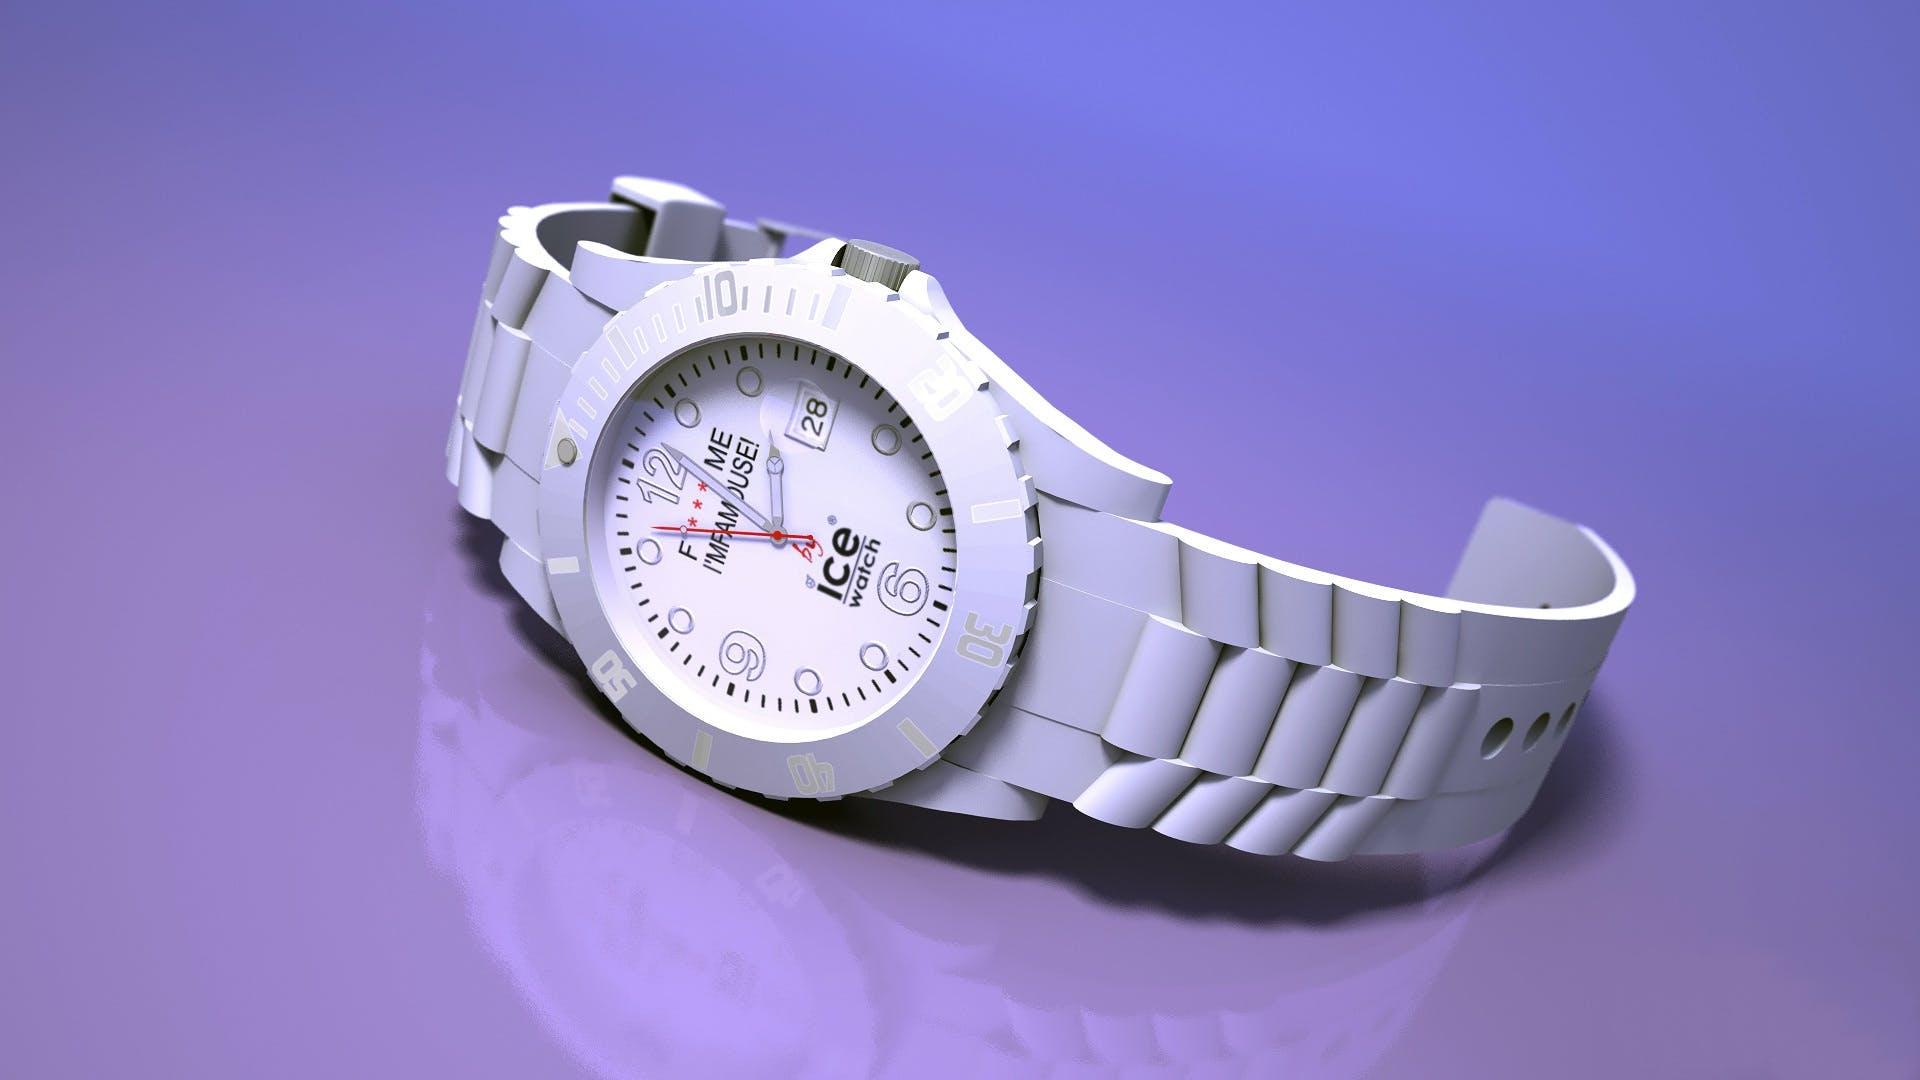 hora, reloj de hielo, reloj de pulsera